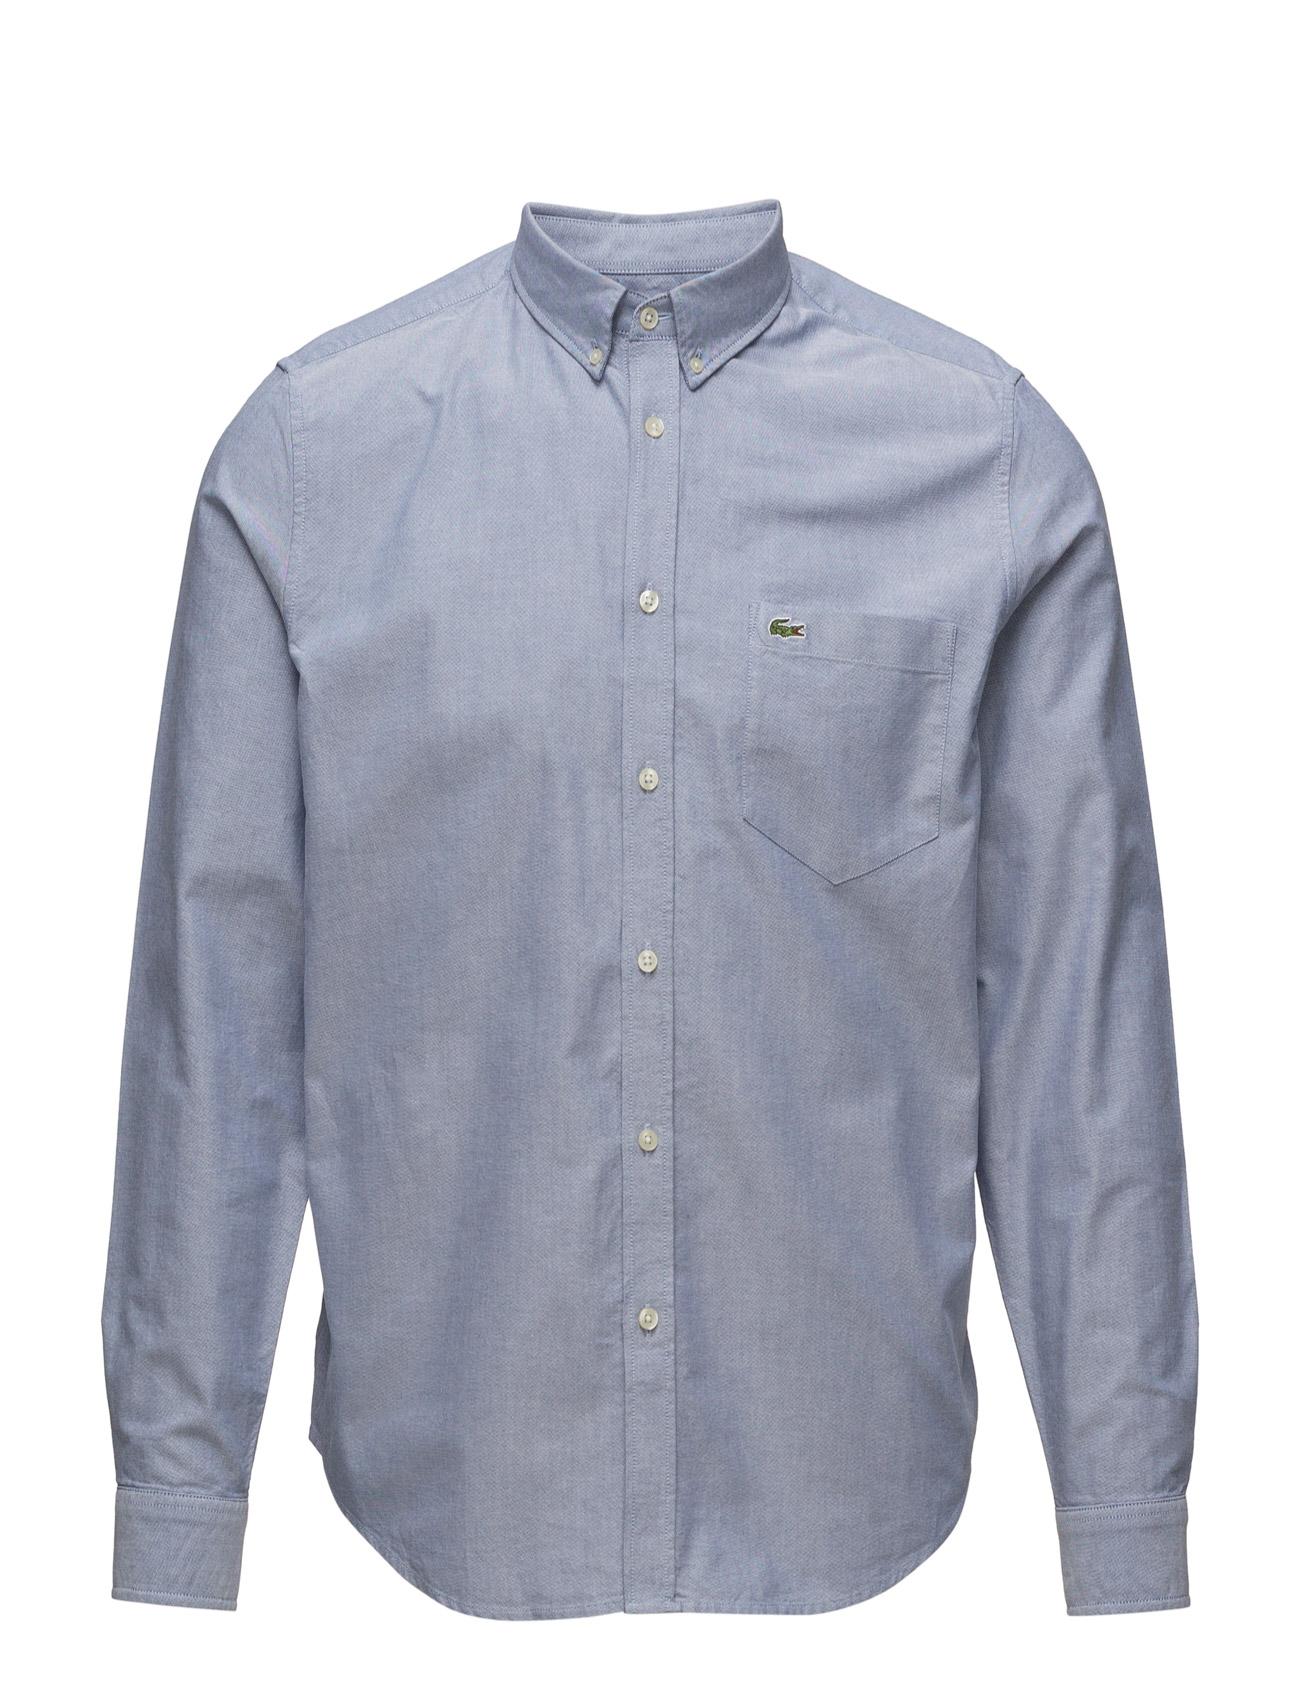 Woven Shirts Lacoste Business til Herrer i hvid